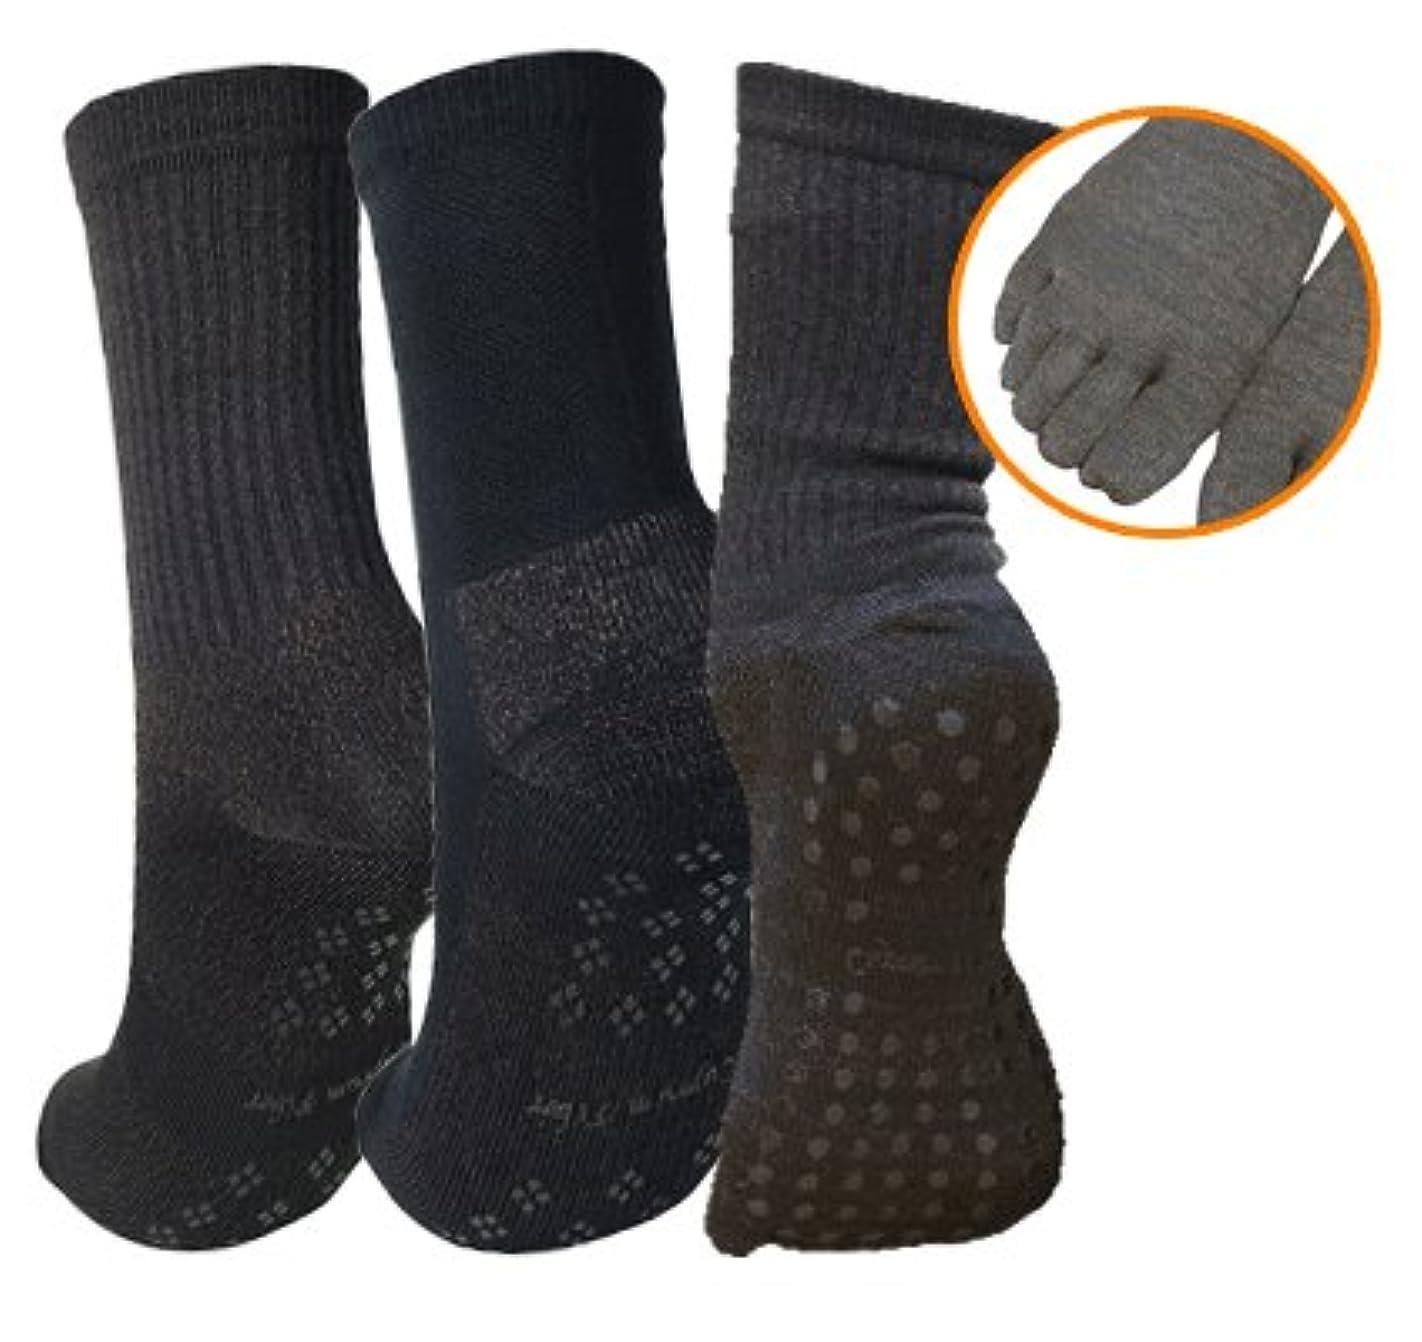 他のバンドで動物園四分円銅繊維靴下「足もとはいつも青春」 女性専用お得お試し3点セット 【しもやけ対策に】